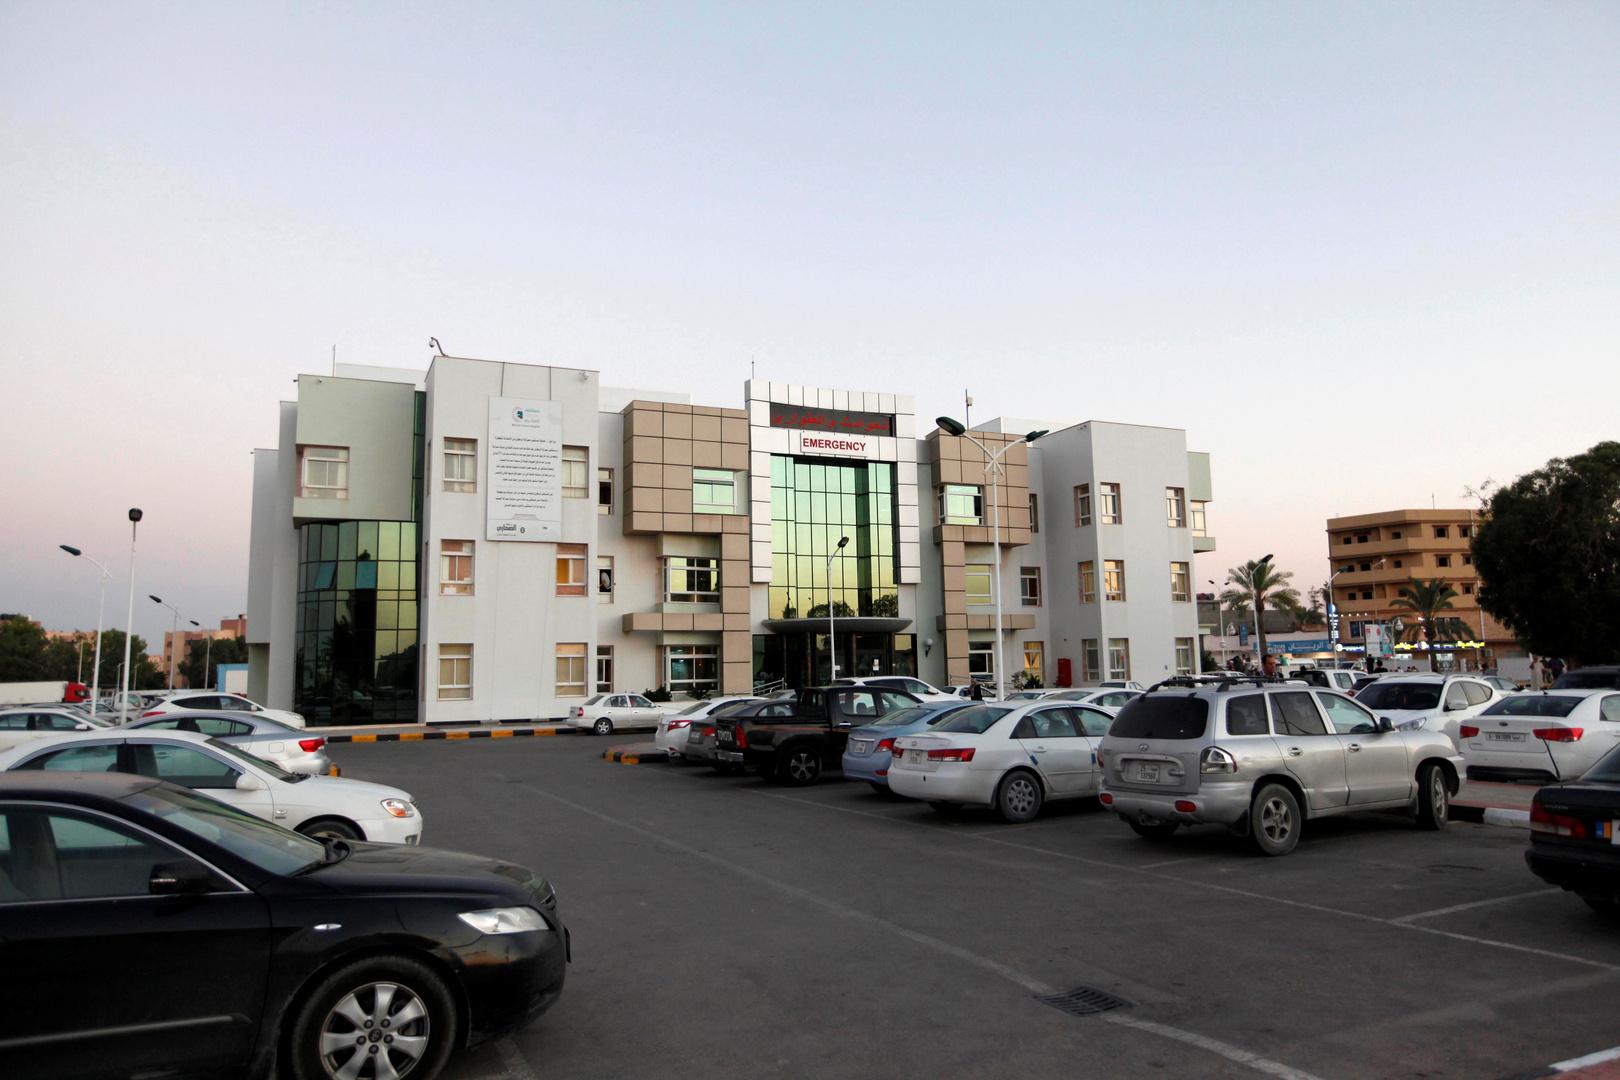 القائم بأعمال السفارة الأمريكية لدى ليبيا يكشف عن 3 أهداف رئيسة لبلاده في ليبيا